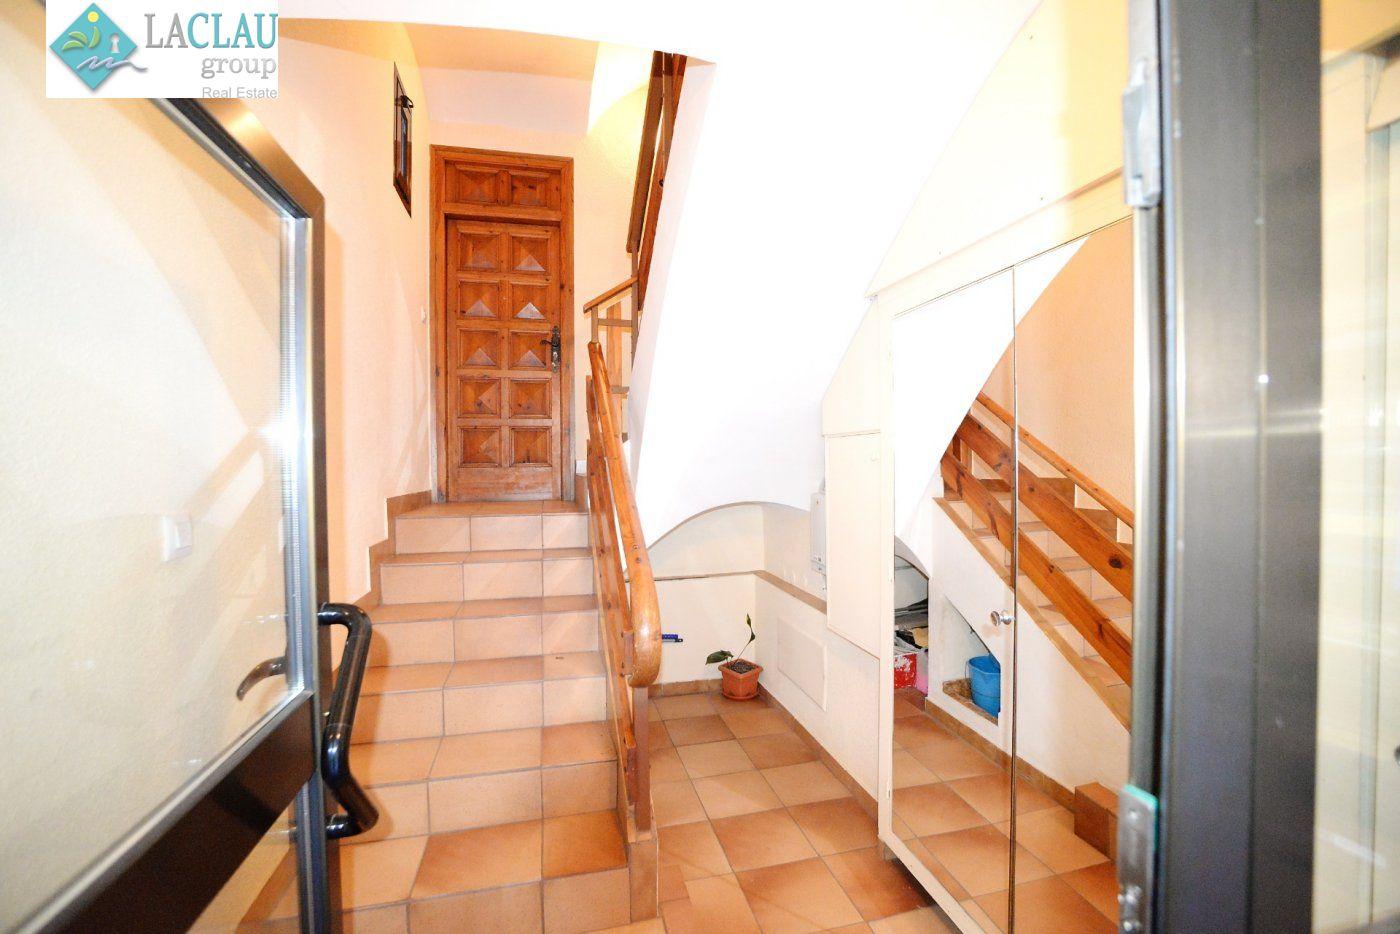 Penthouse · Encamp · Mirador 232.000€€